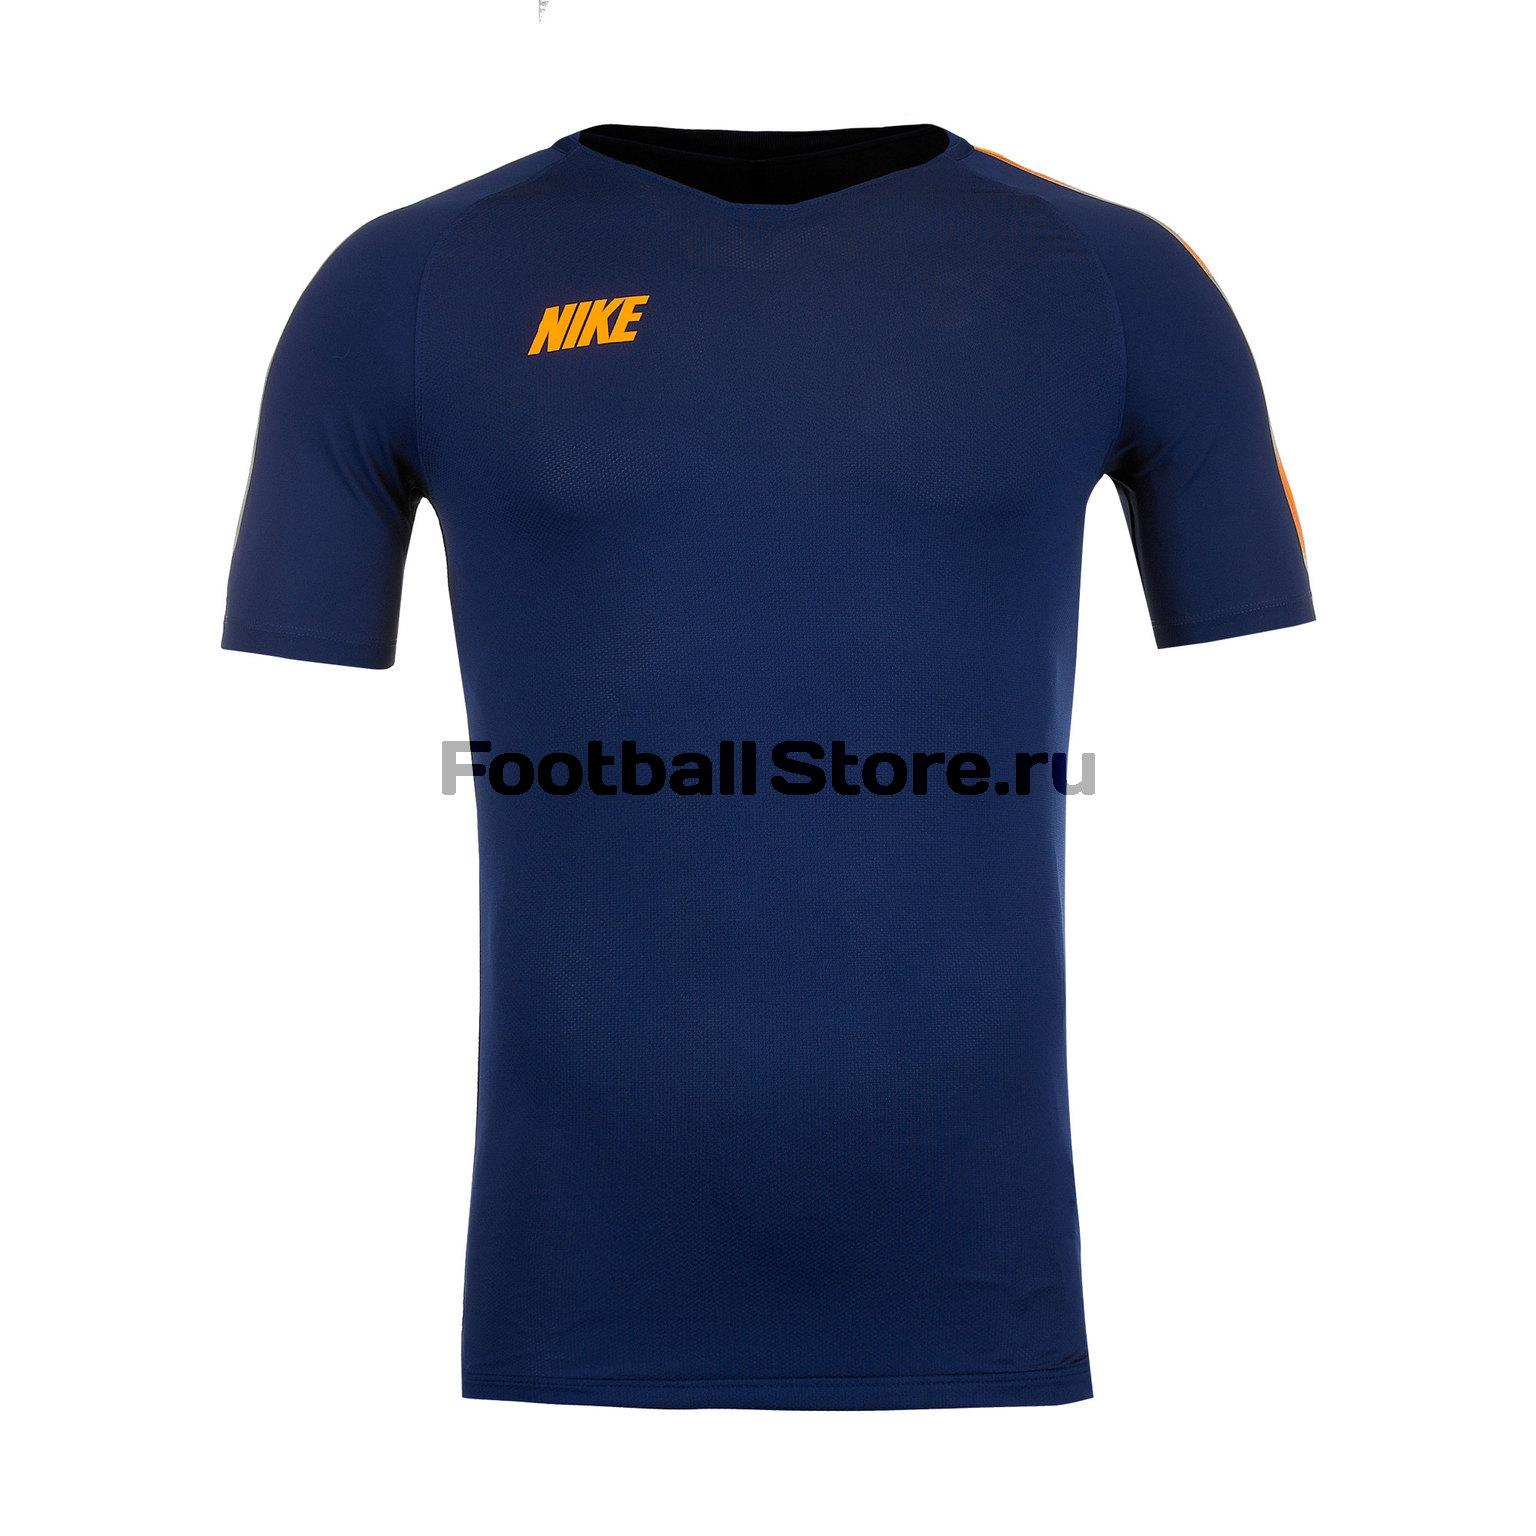 Футболка тренировочная Nike Squad Top BQ3770-492 футболка тренировочная nike strike top at5870 010